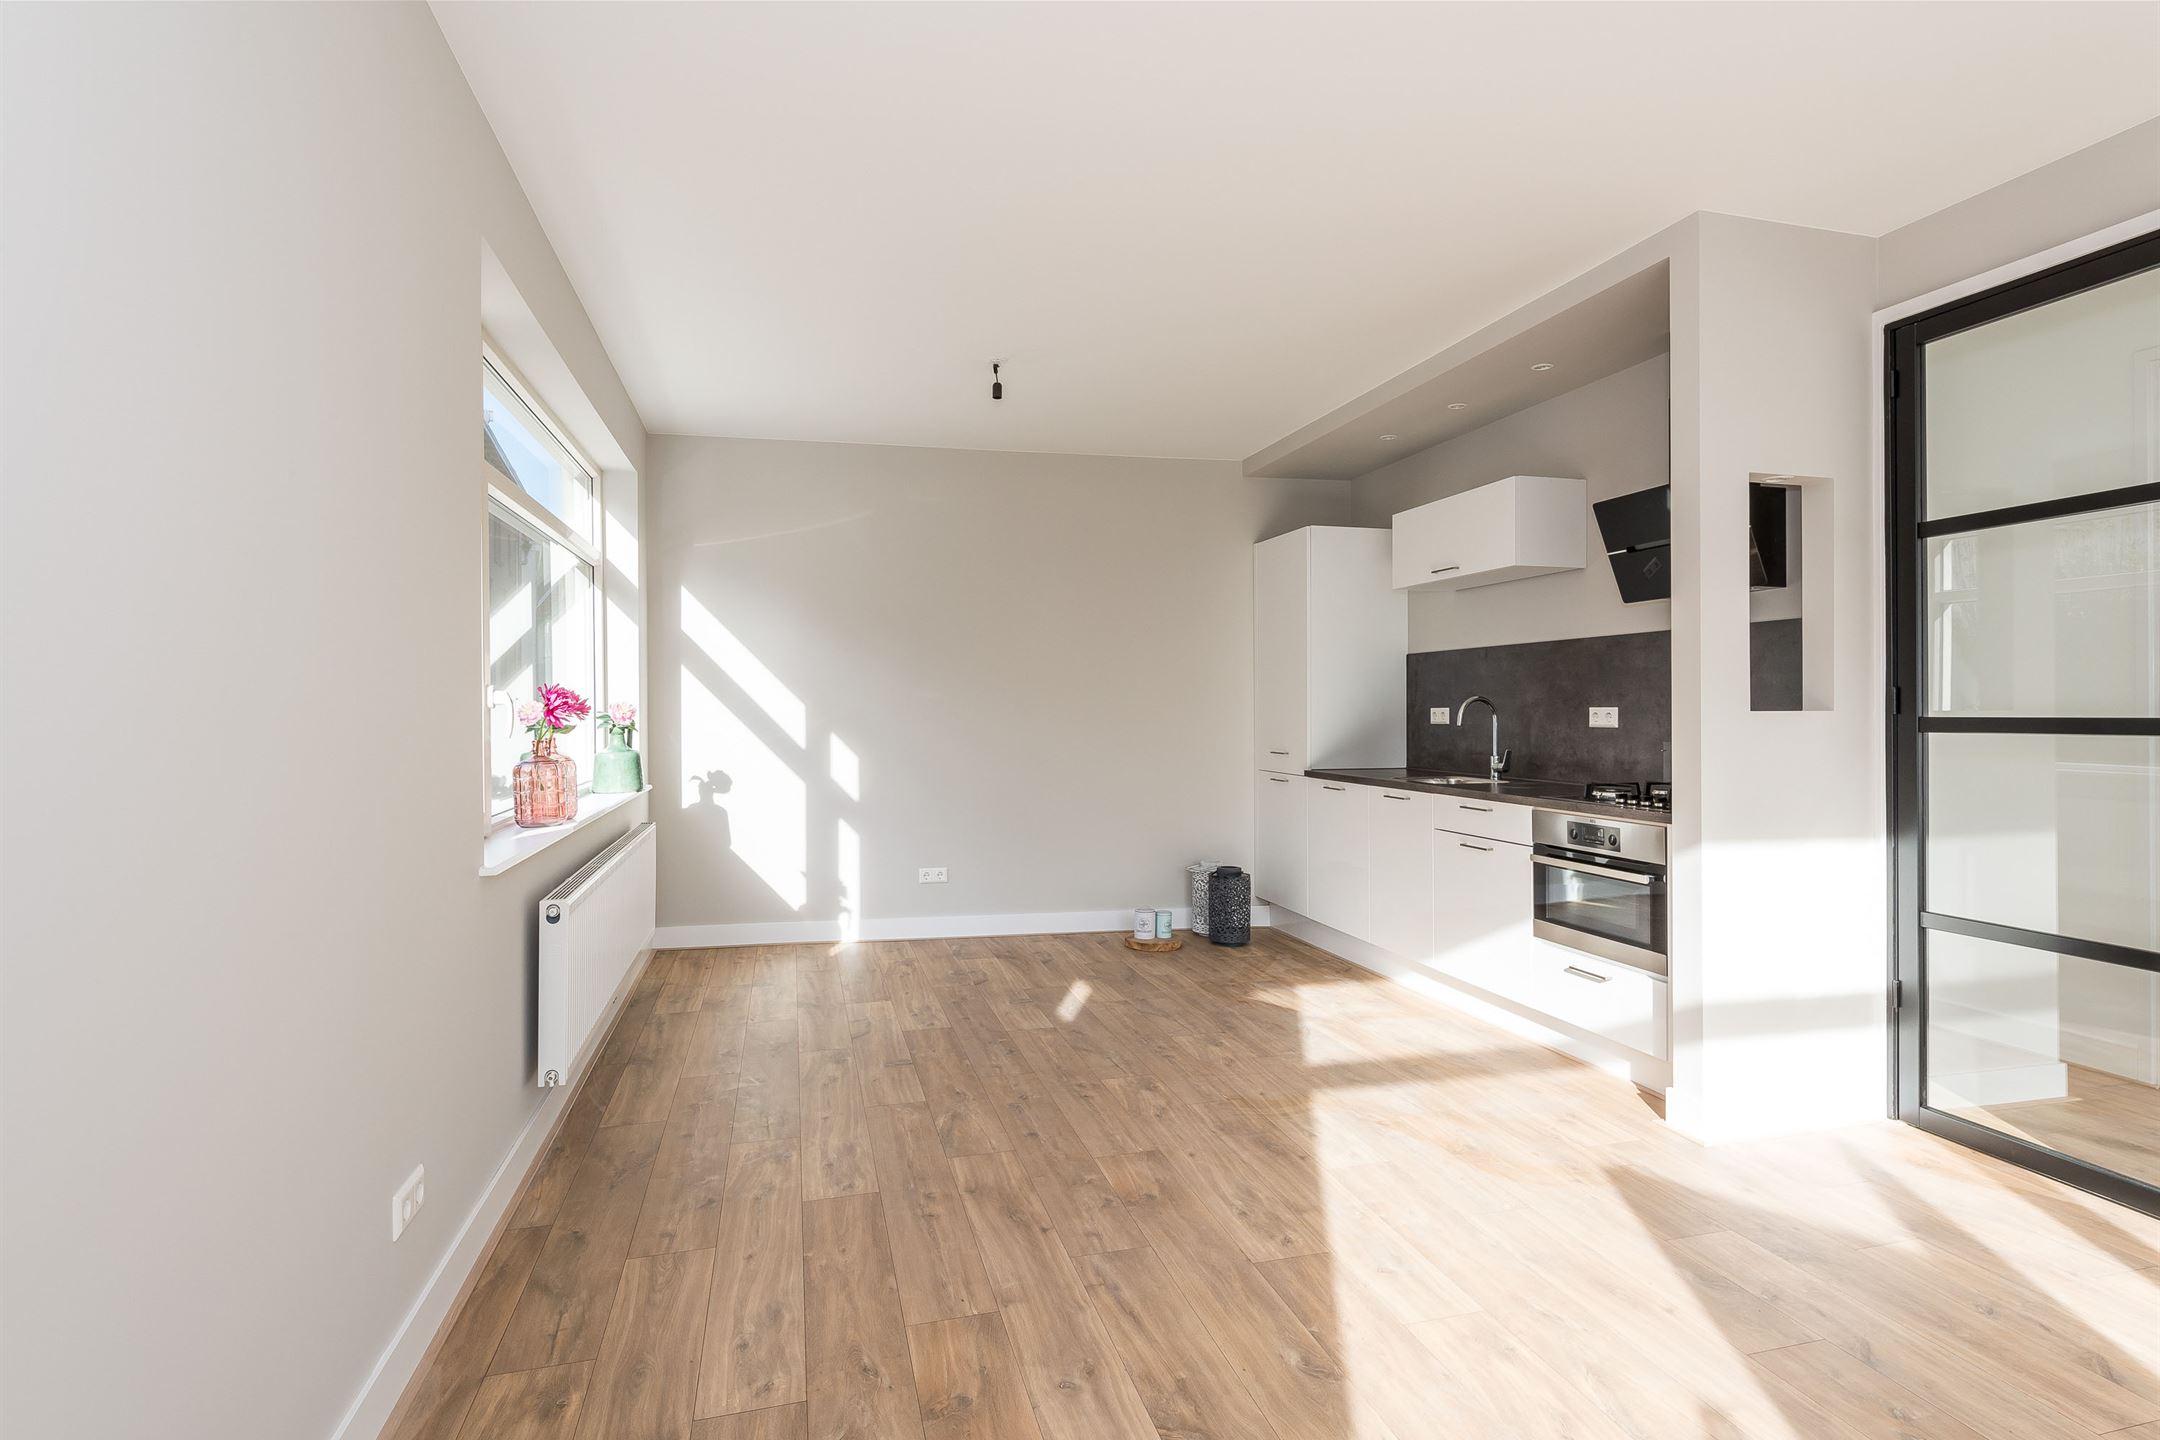 Appartement te koop: dayer 10 3131 cb vlaardingen [funda]